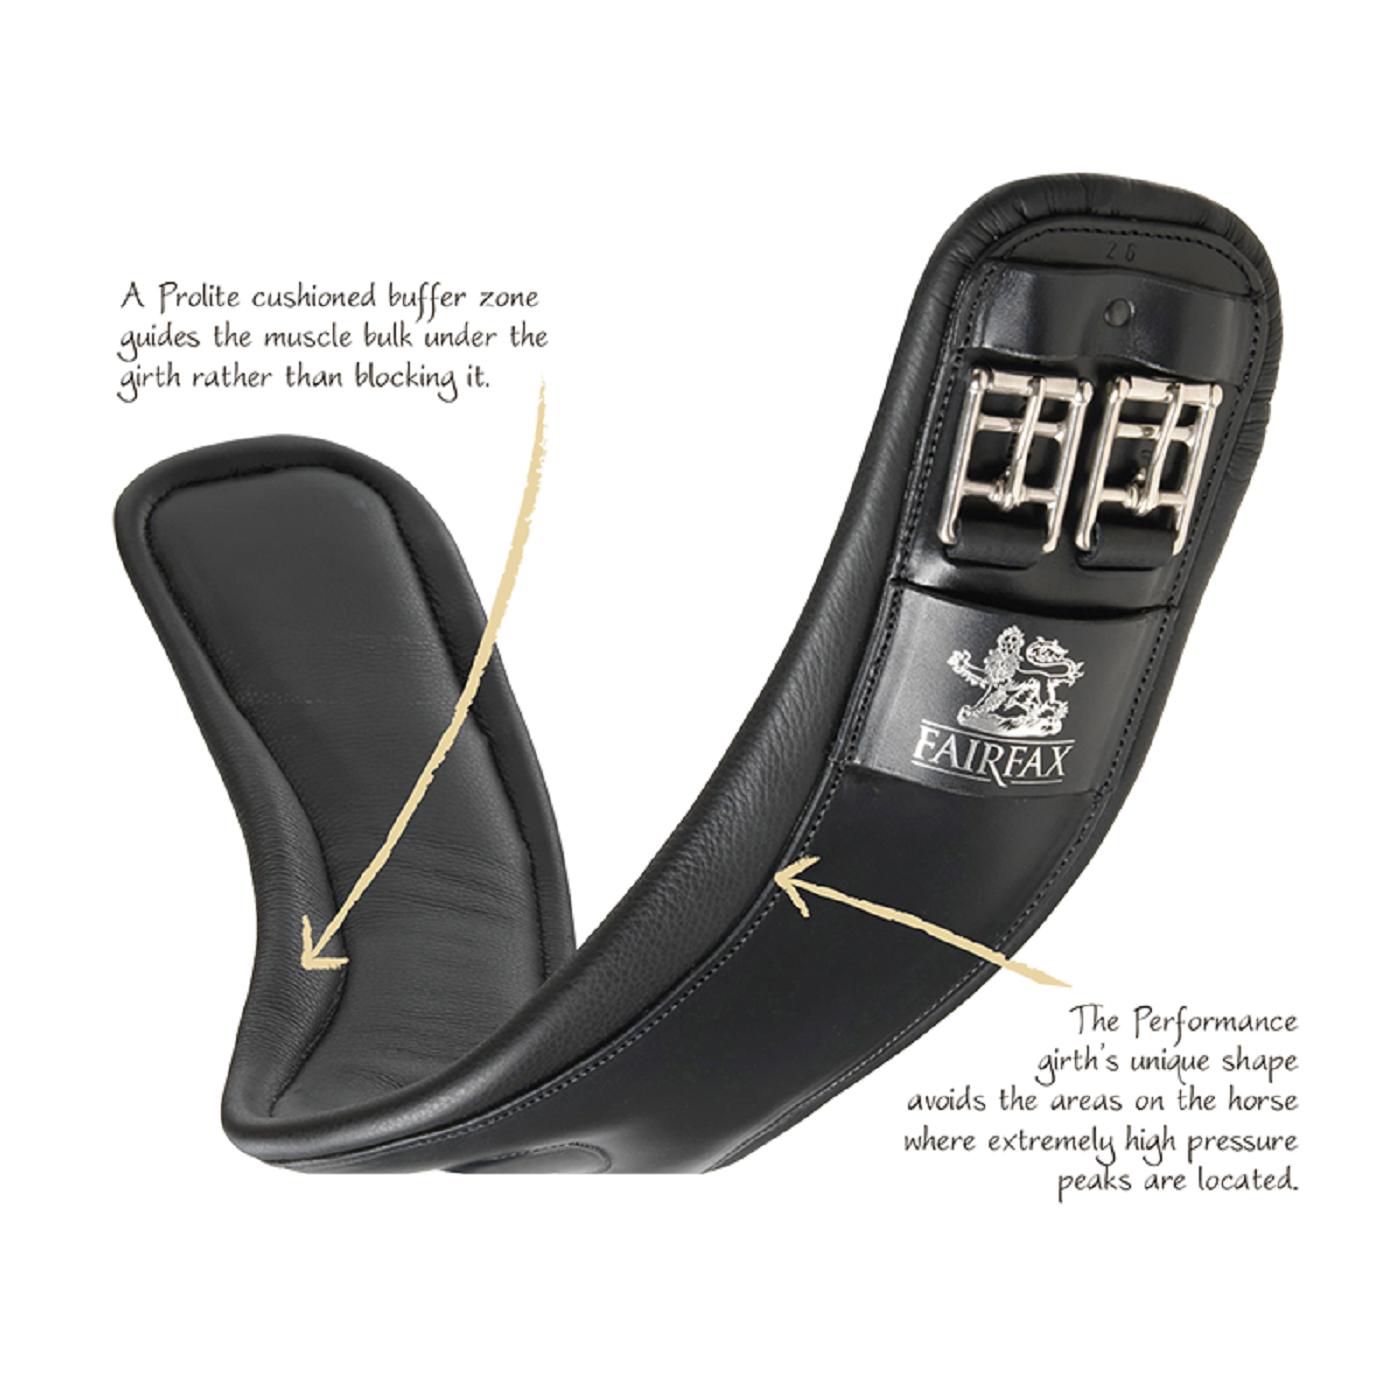 Fairfax le prestazioni in Pelle Corta sottopancia sottopancia sottopancia dressage calibro standard Nero o Marronee | Il materiale di altissima qualità  | Garanzia di qualità e quantità  1a9aa2